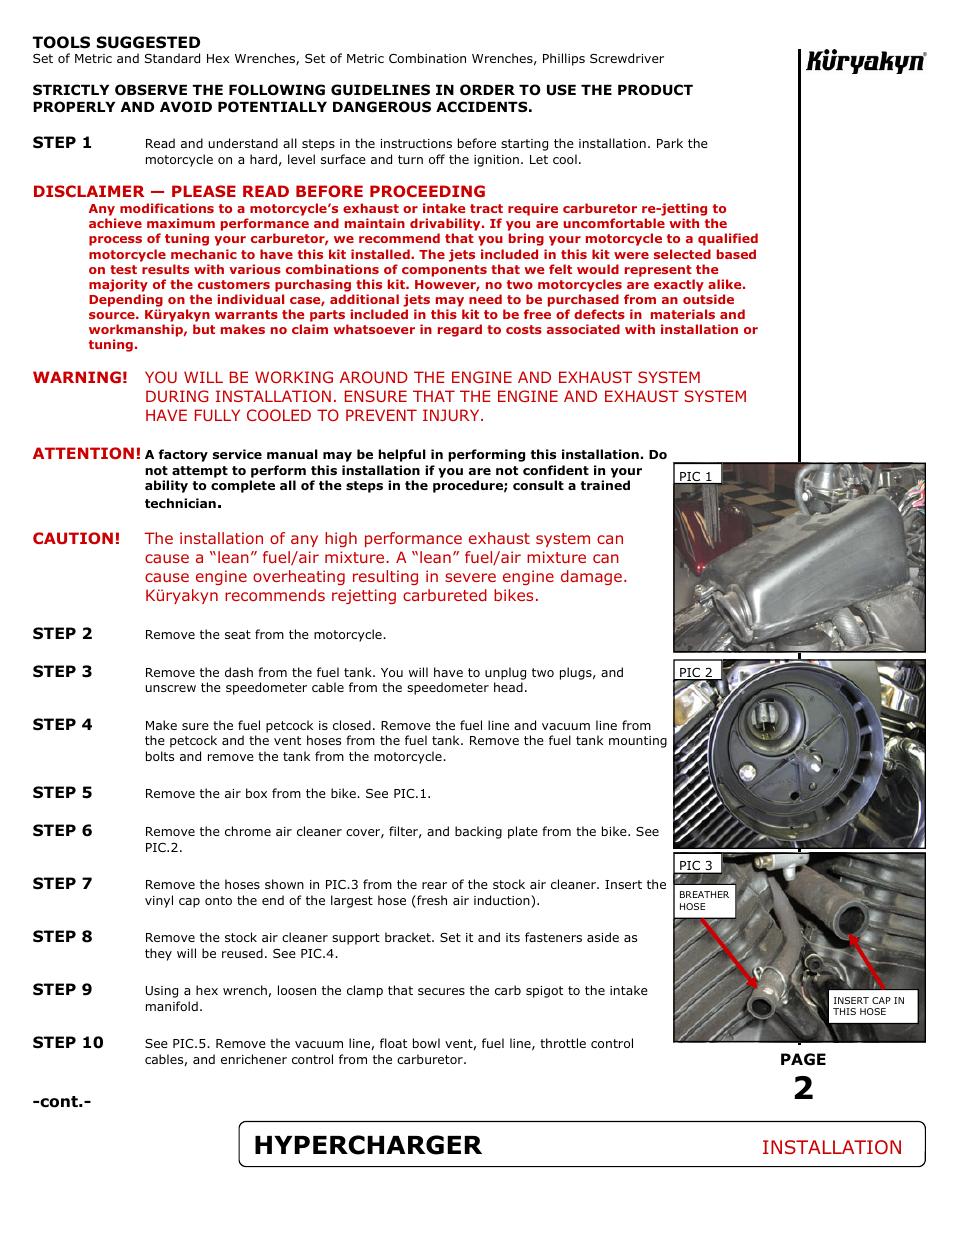 Hypercharger, Installation   Kuryakyn 9410 HYPERCHARGER AIR